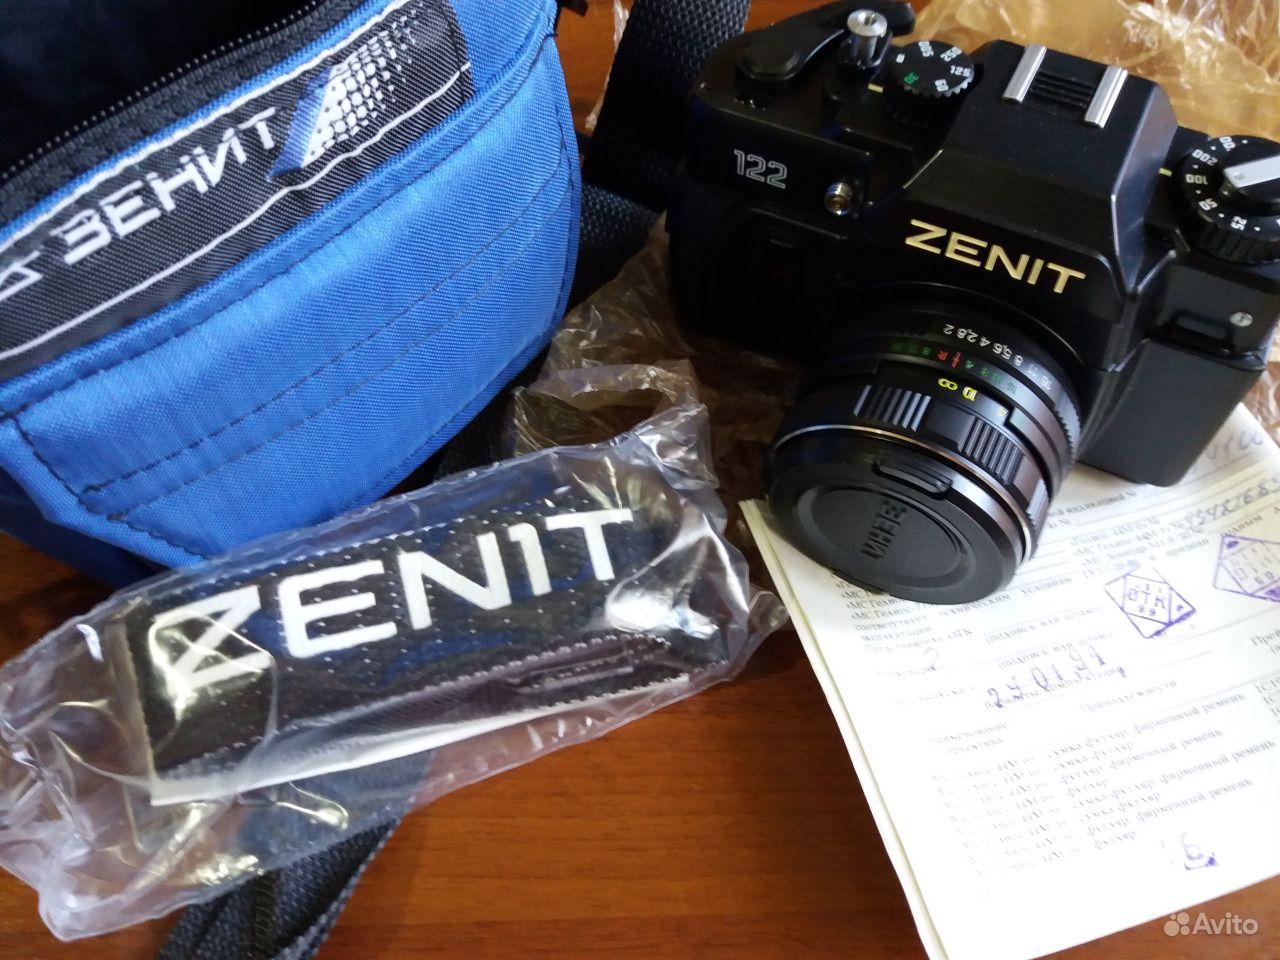 Какой фотоаппарат из зенитов лучше наша семья